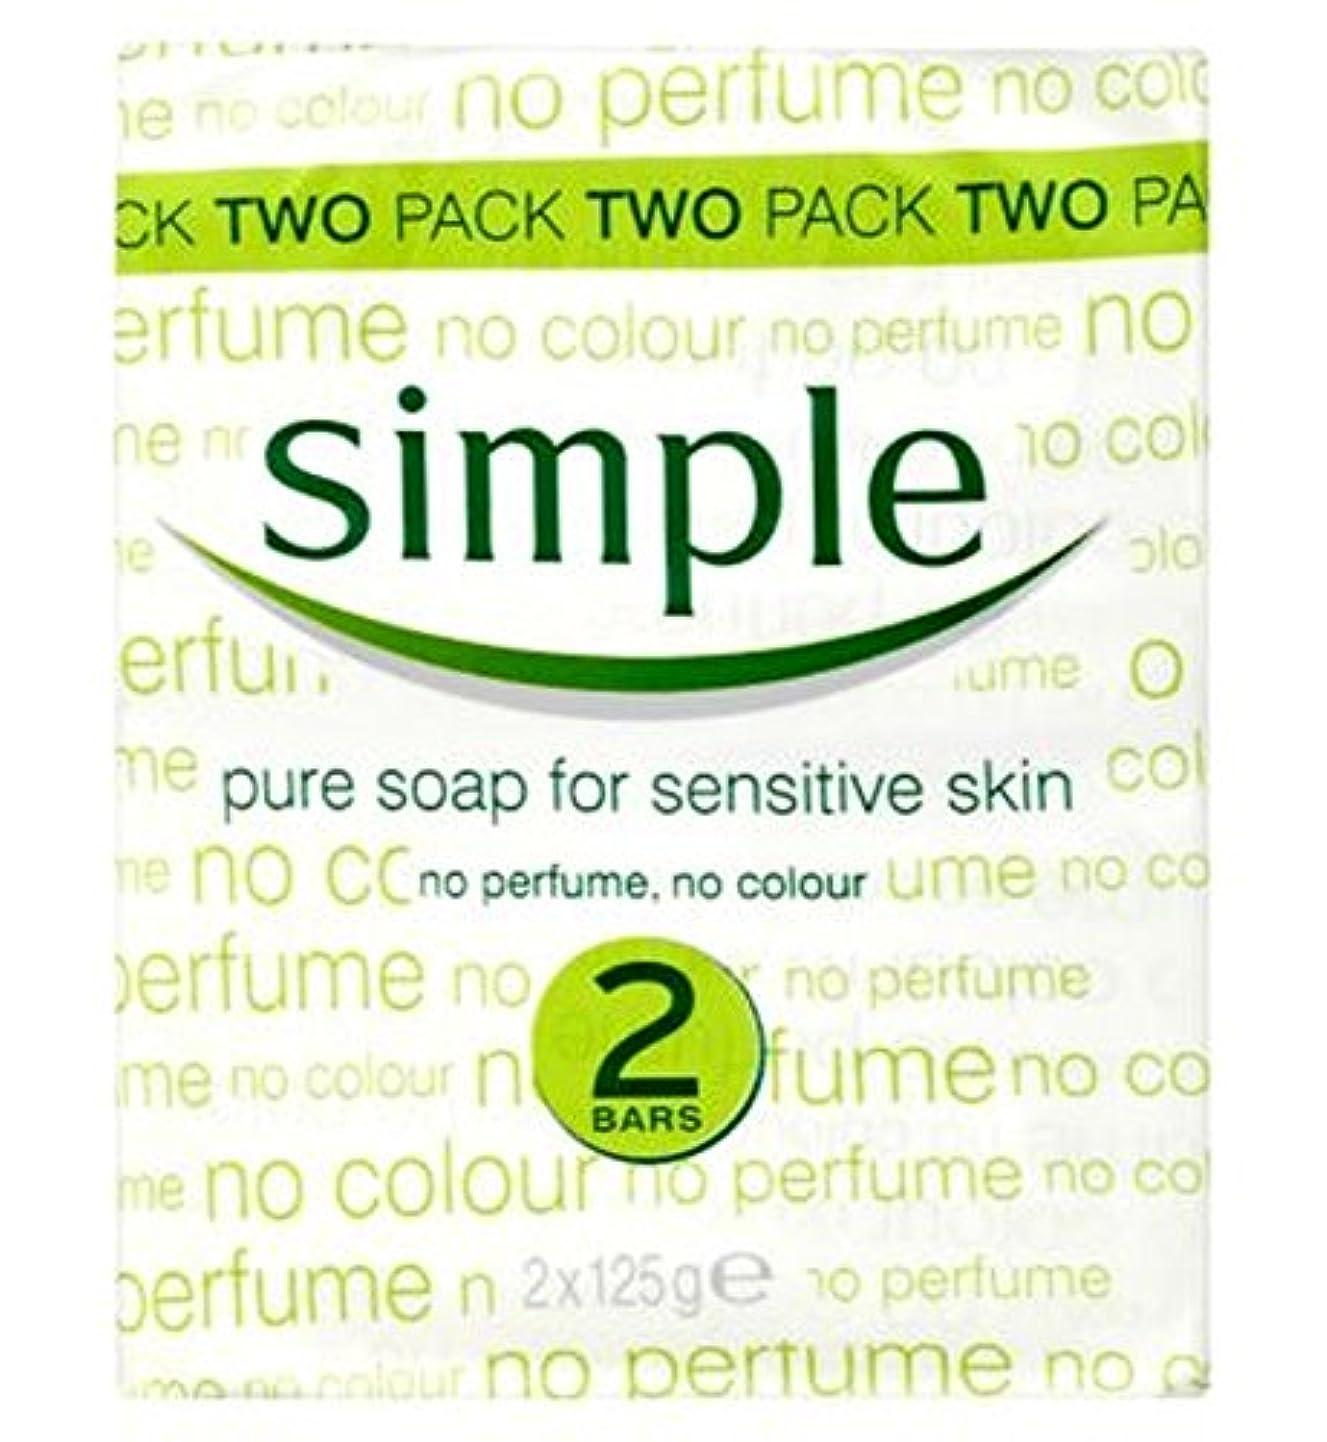 数学者予防接種するエレクトロニックSimple Pure Soap Bar for Sensitive Skin 2 x 125g - 敏感肌2のX 125グラムのためのシンプルな、純粋な石鹸バー (Simple) [並行輸入品]